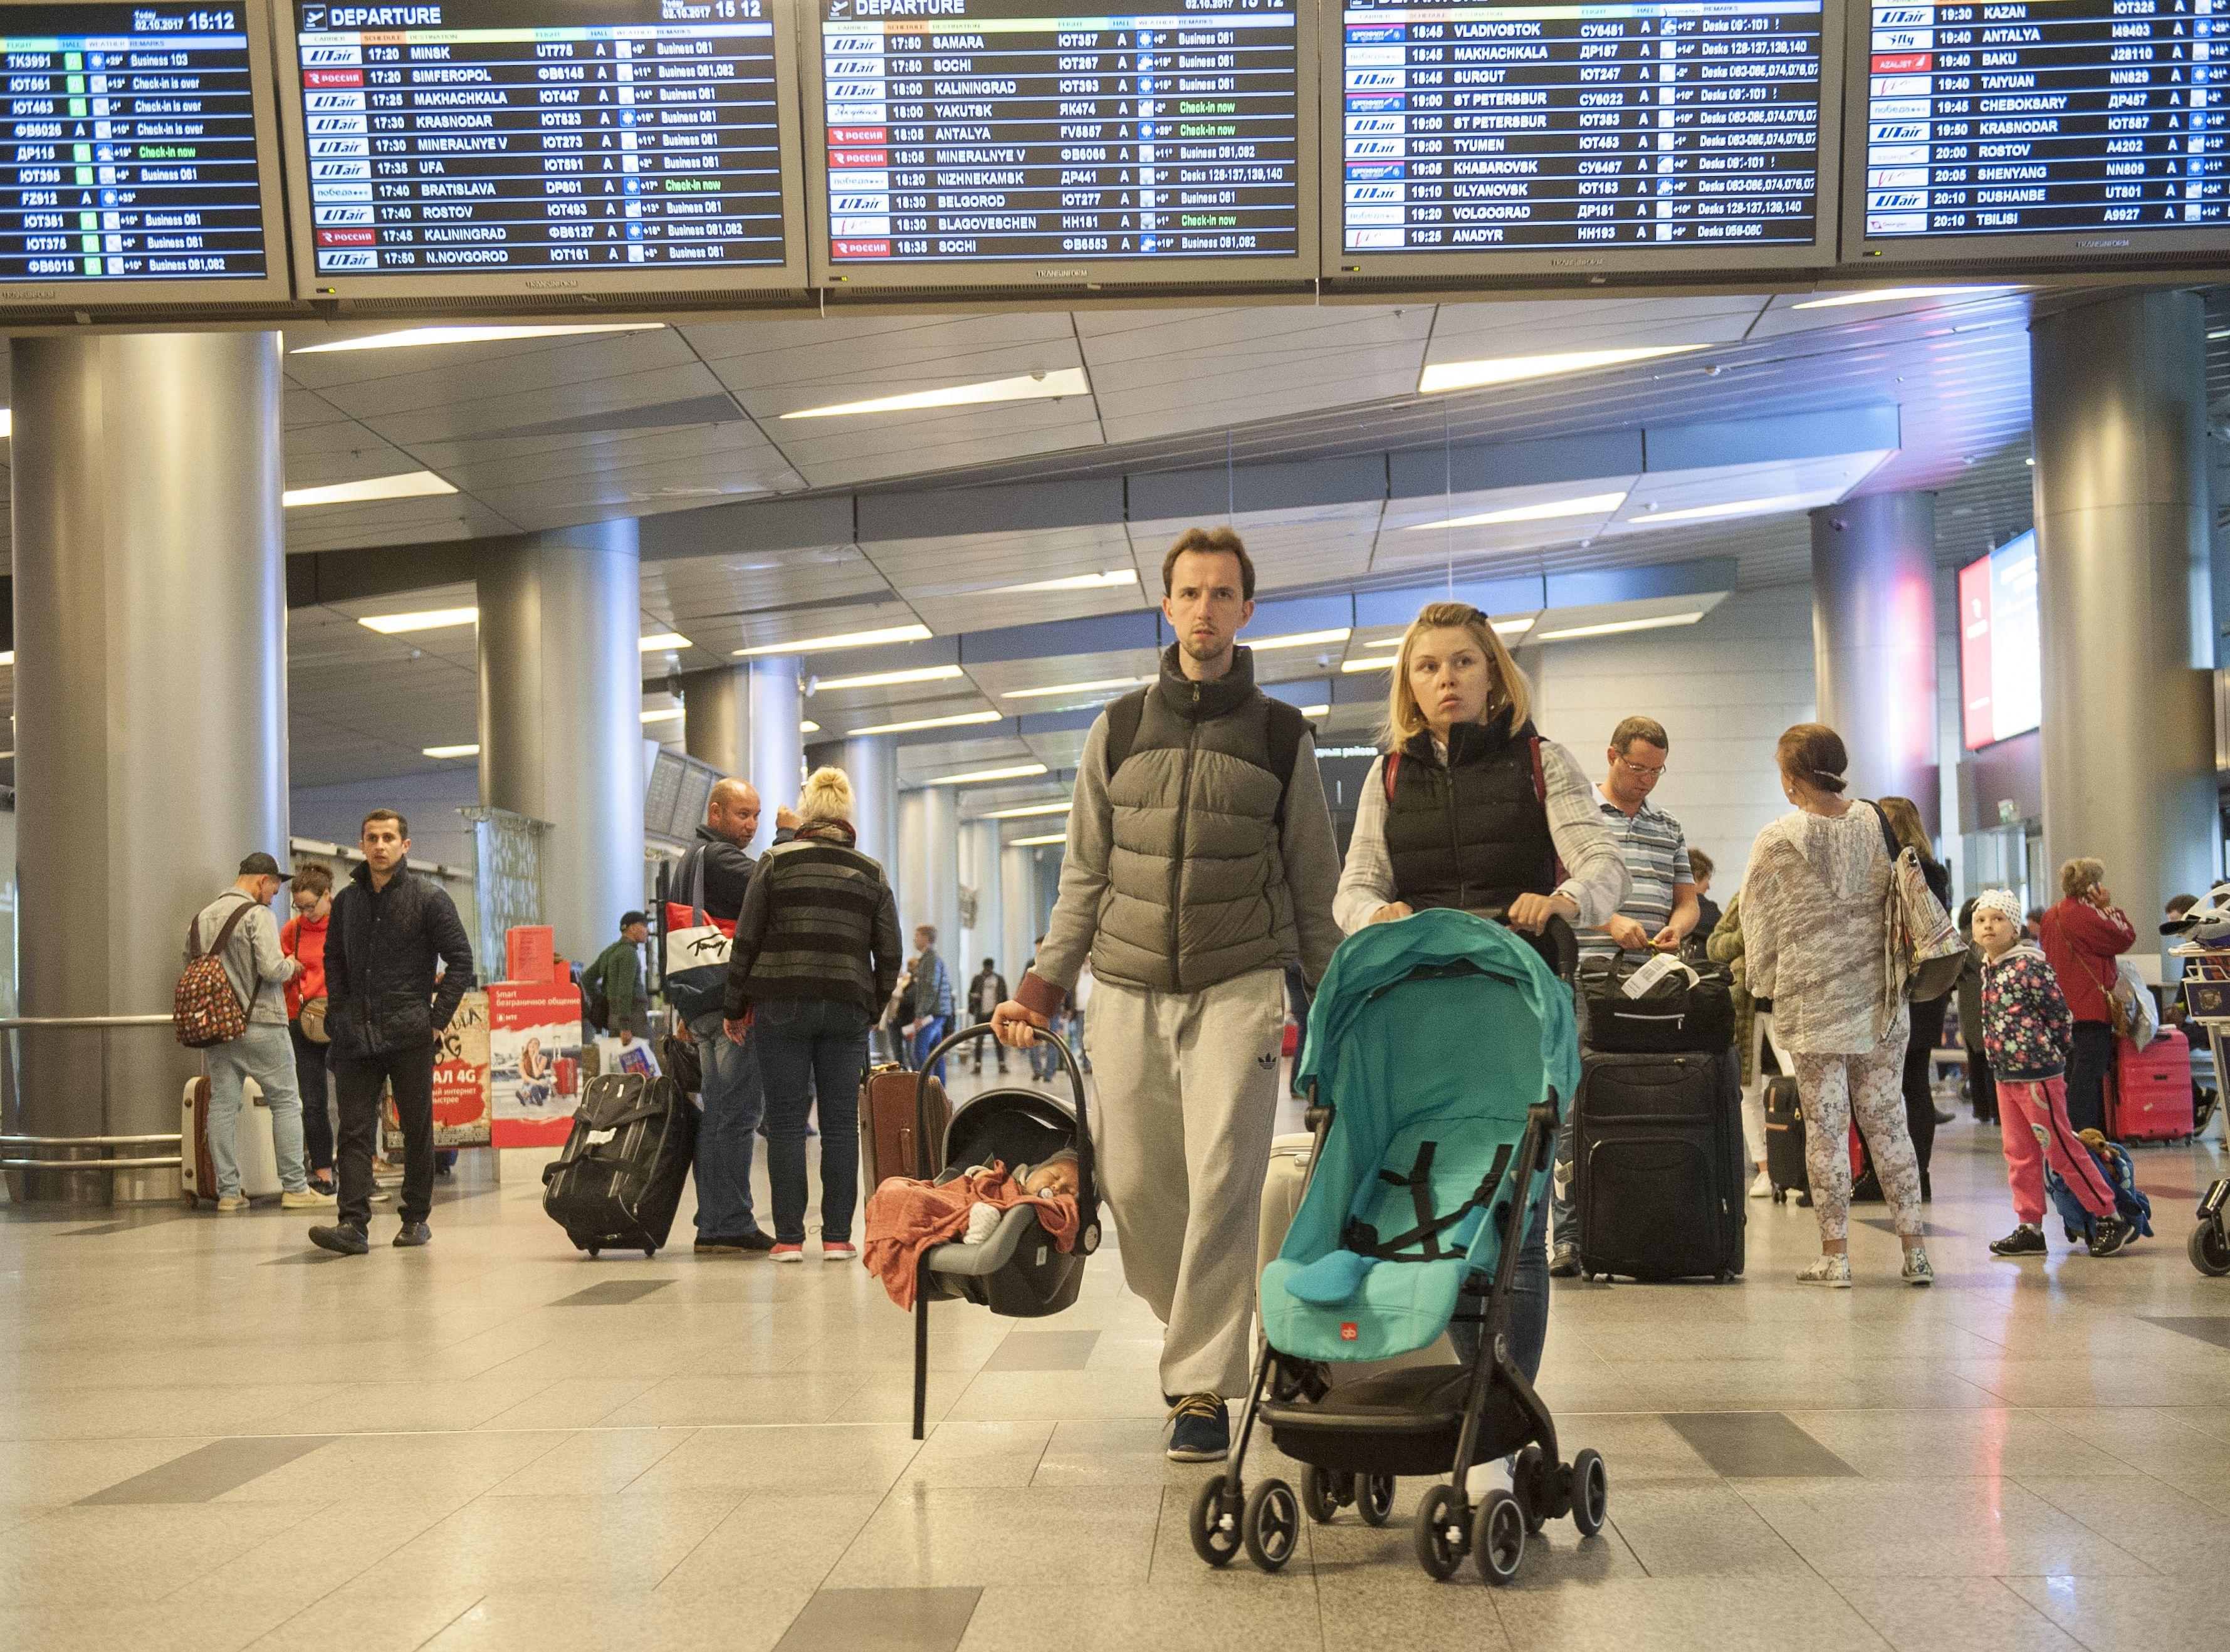 Проект продления Калининско-Солнцевской линии метро до Внуково направлен на публичные слушания